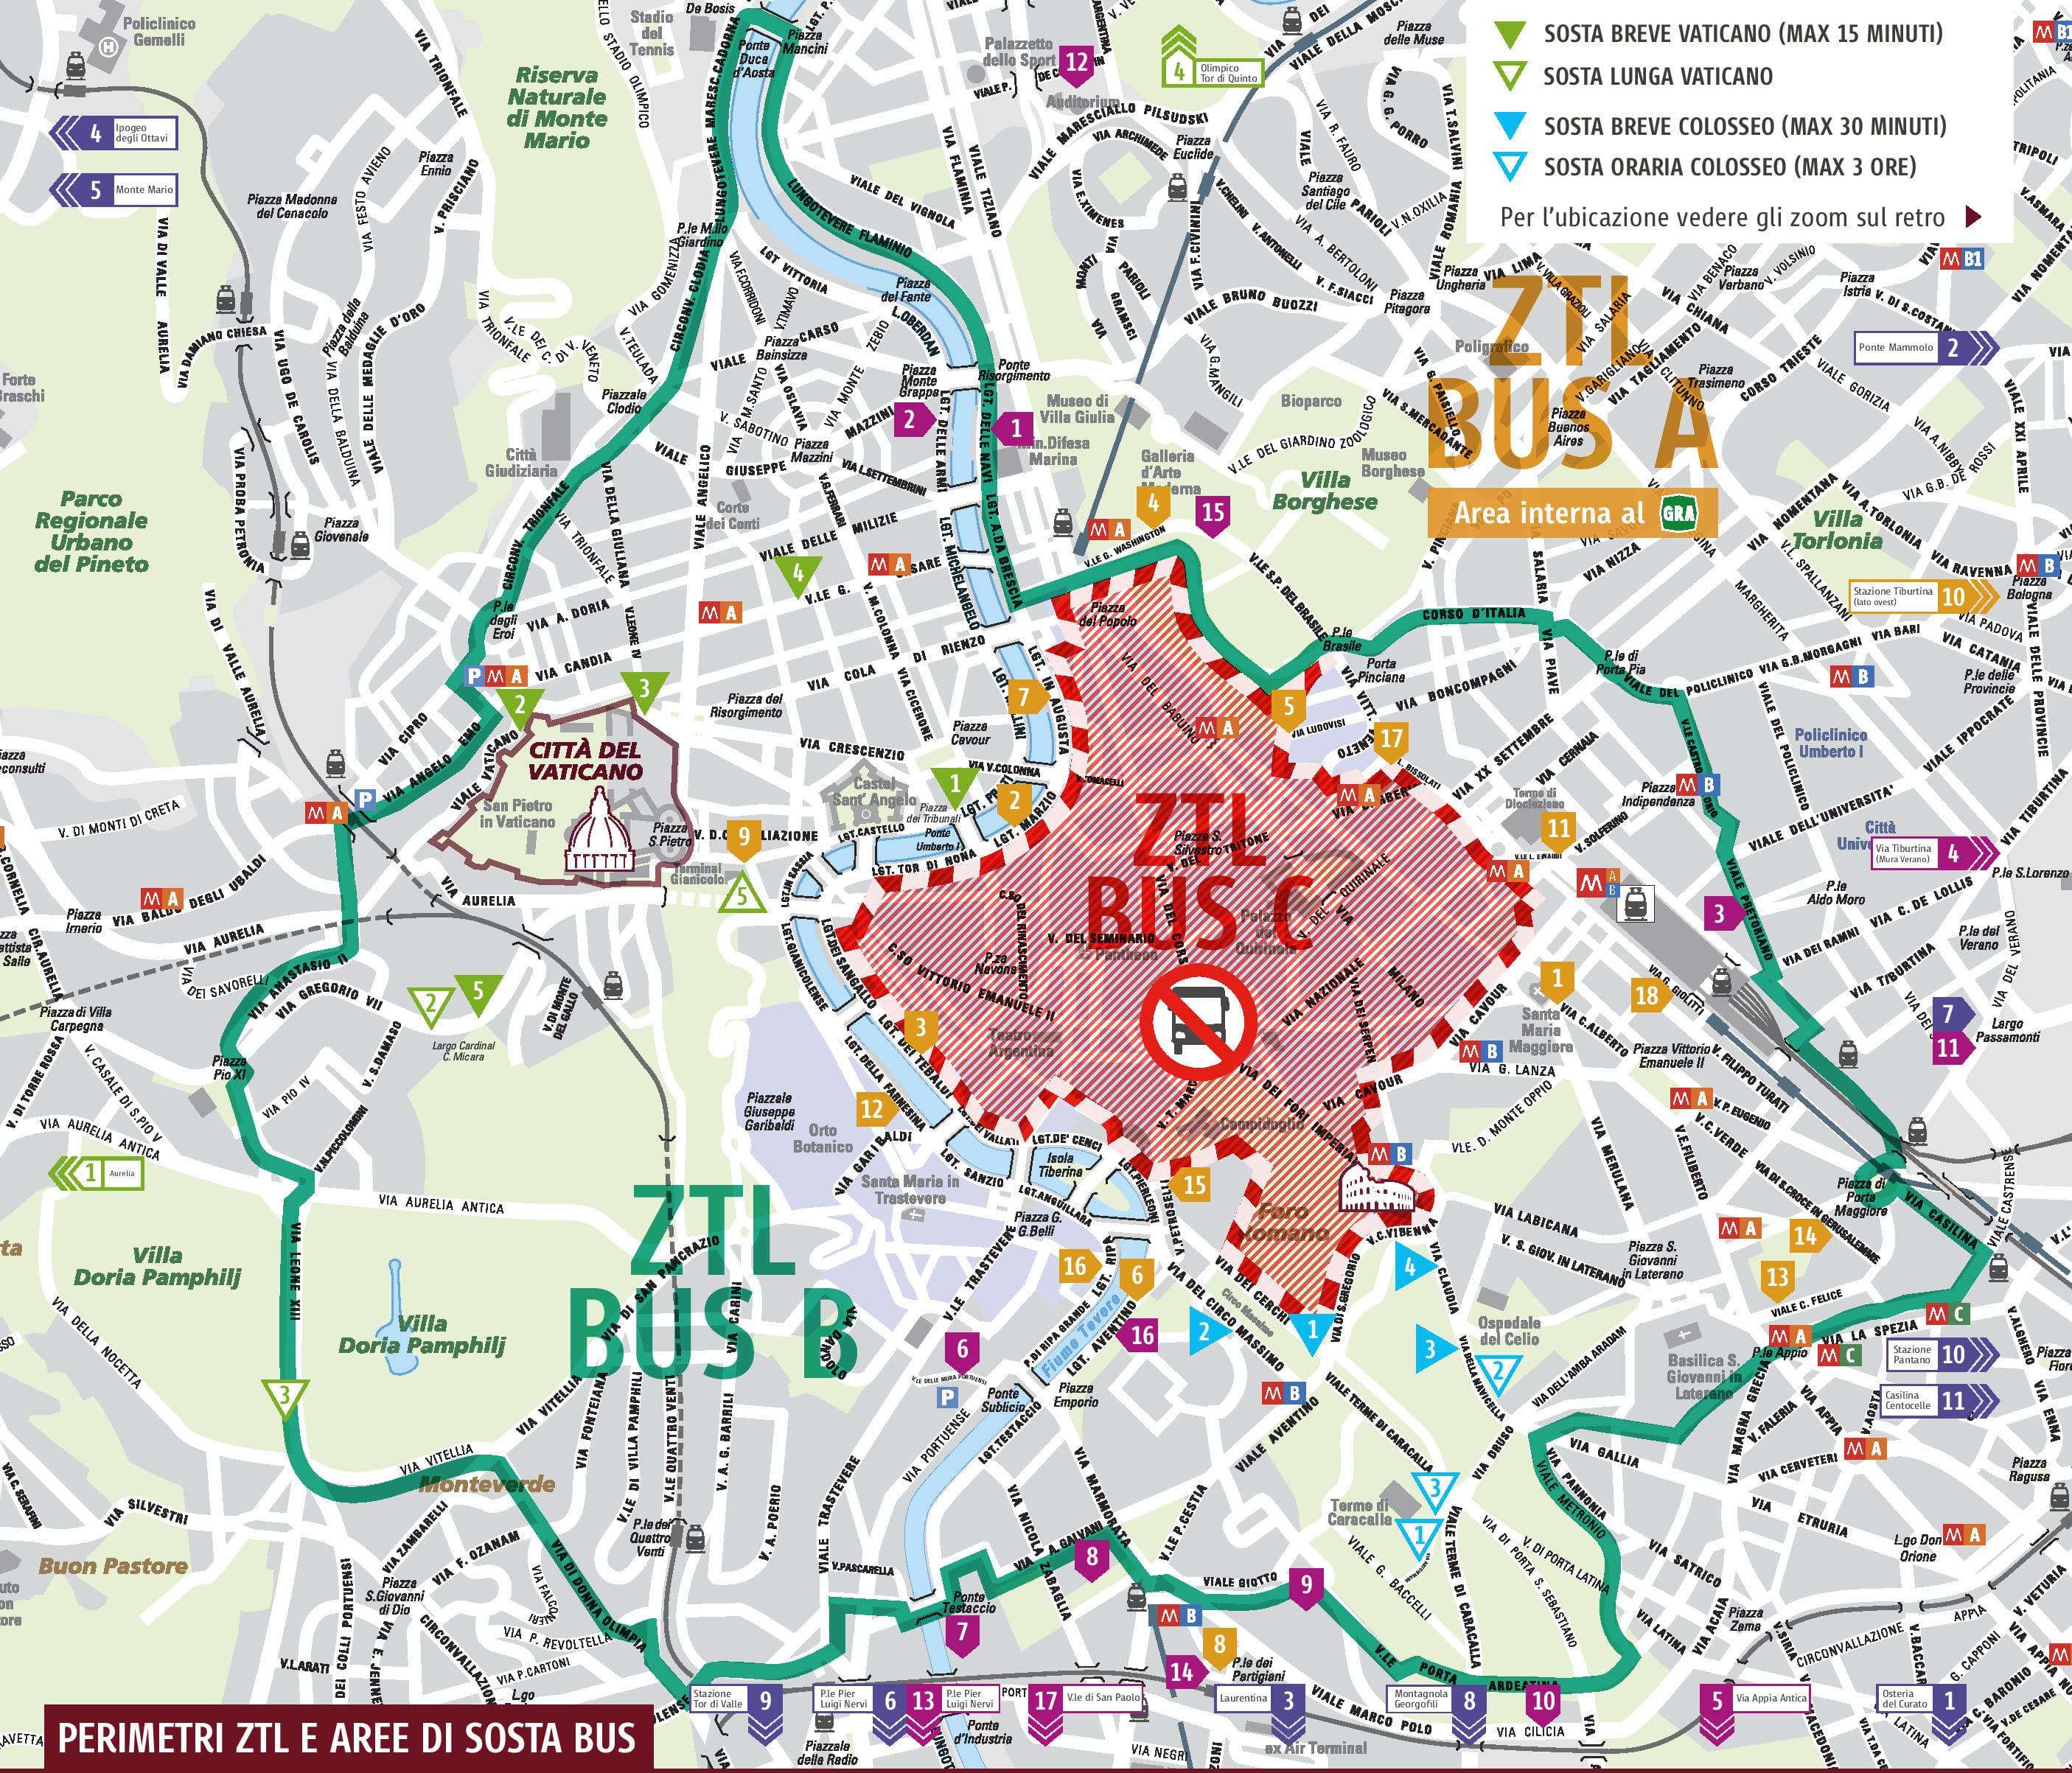 Cartina Roma Turistica.Normativa 2019 E Tariffe Ztl Bus Turistici Roma